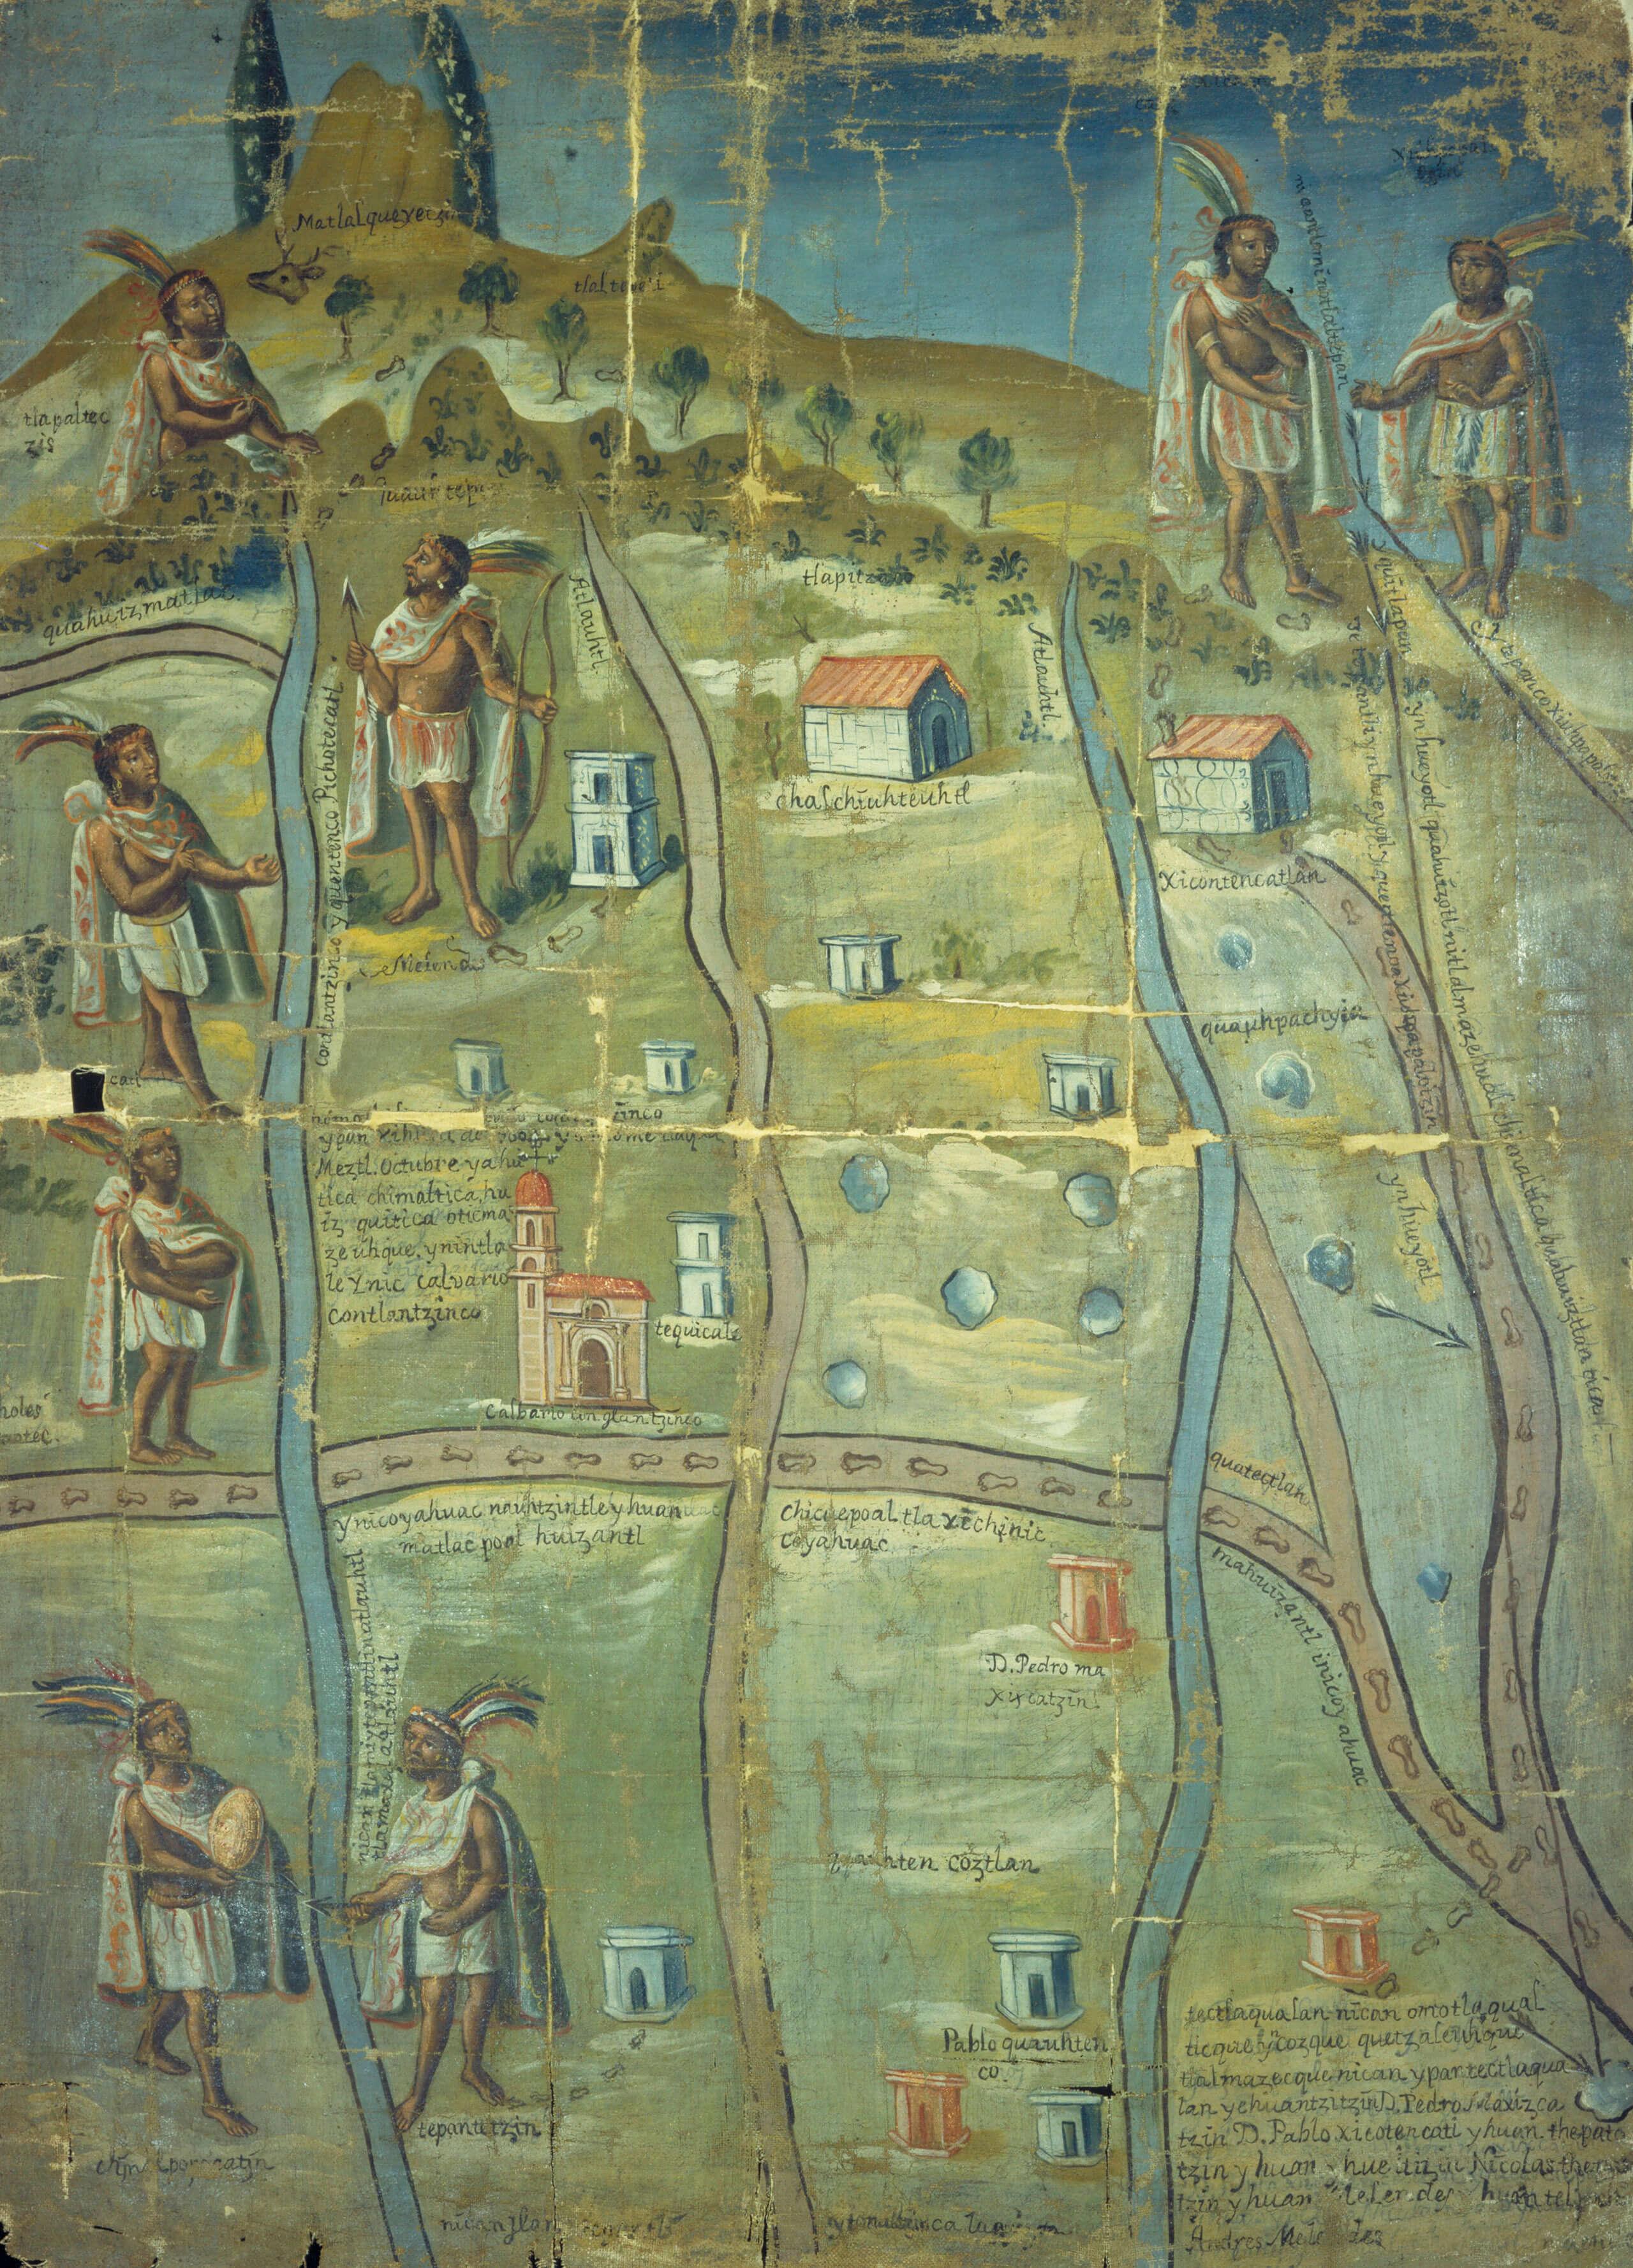 Pintura de Contlantzinco, linderos del pueblo | In Tlilli in Tlapalli. Imágenes de la nueva tierra: identidad indígena después de la conquista | Museo Amparo, Puebla